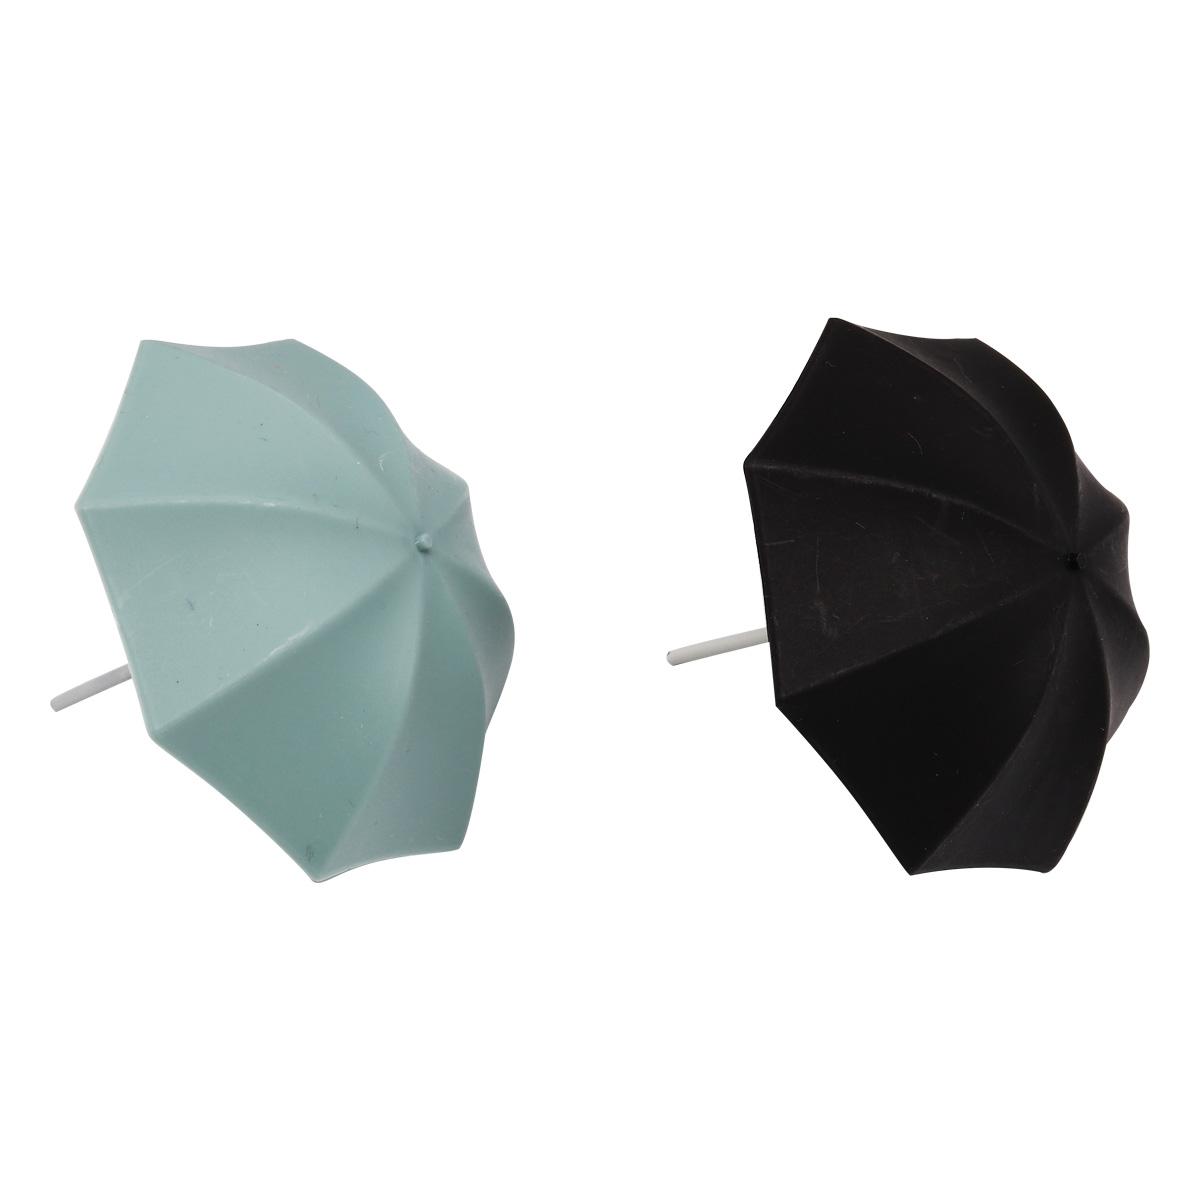 AR757 Зонтик пластмассовый микс 7*6см, 3шт/упак